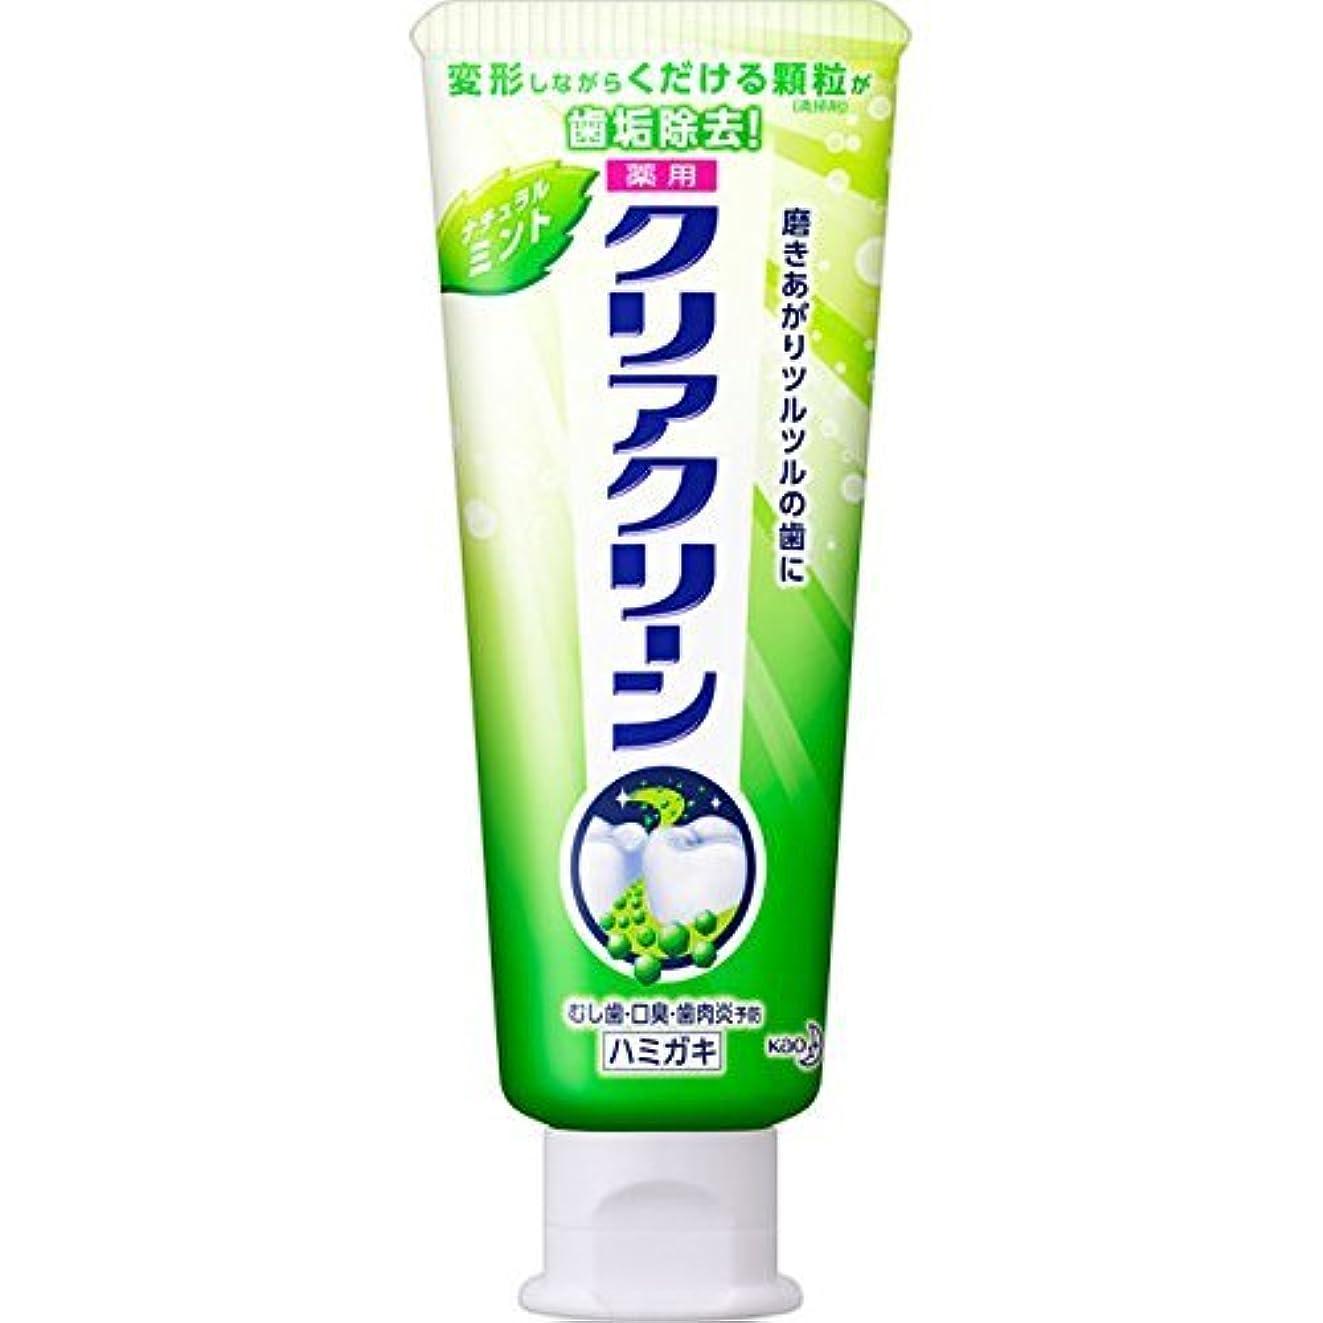 唯一検出する草花王 クリアクリーンナチュラルミント小 80g (医薬部外品)